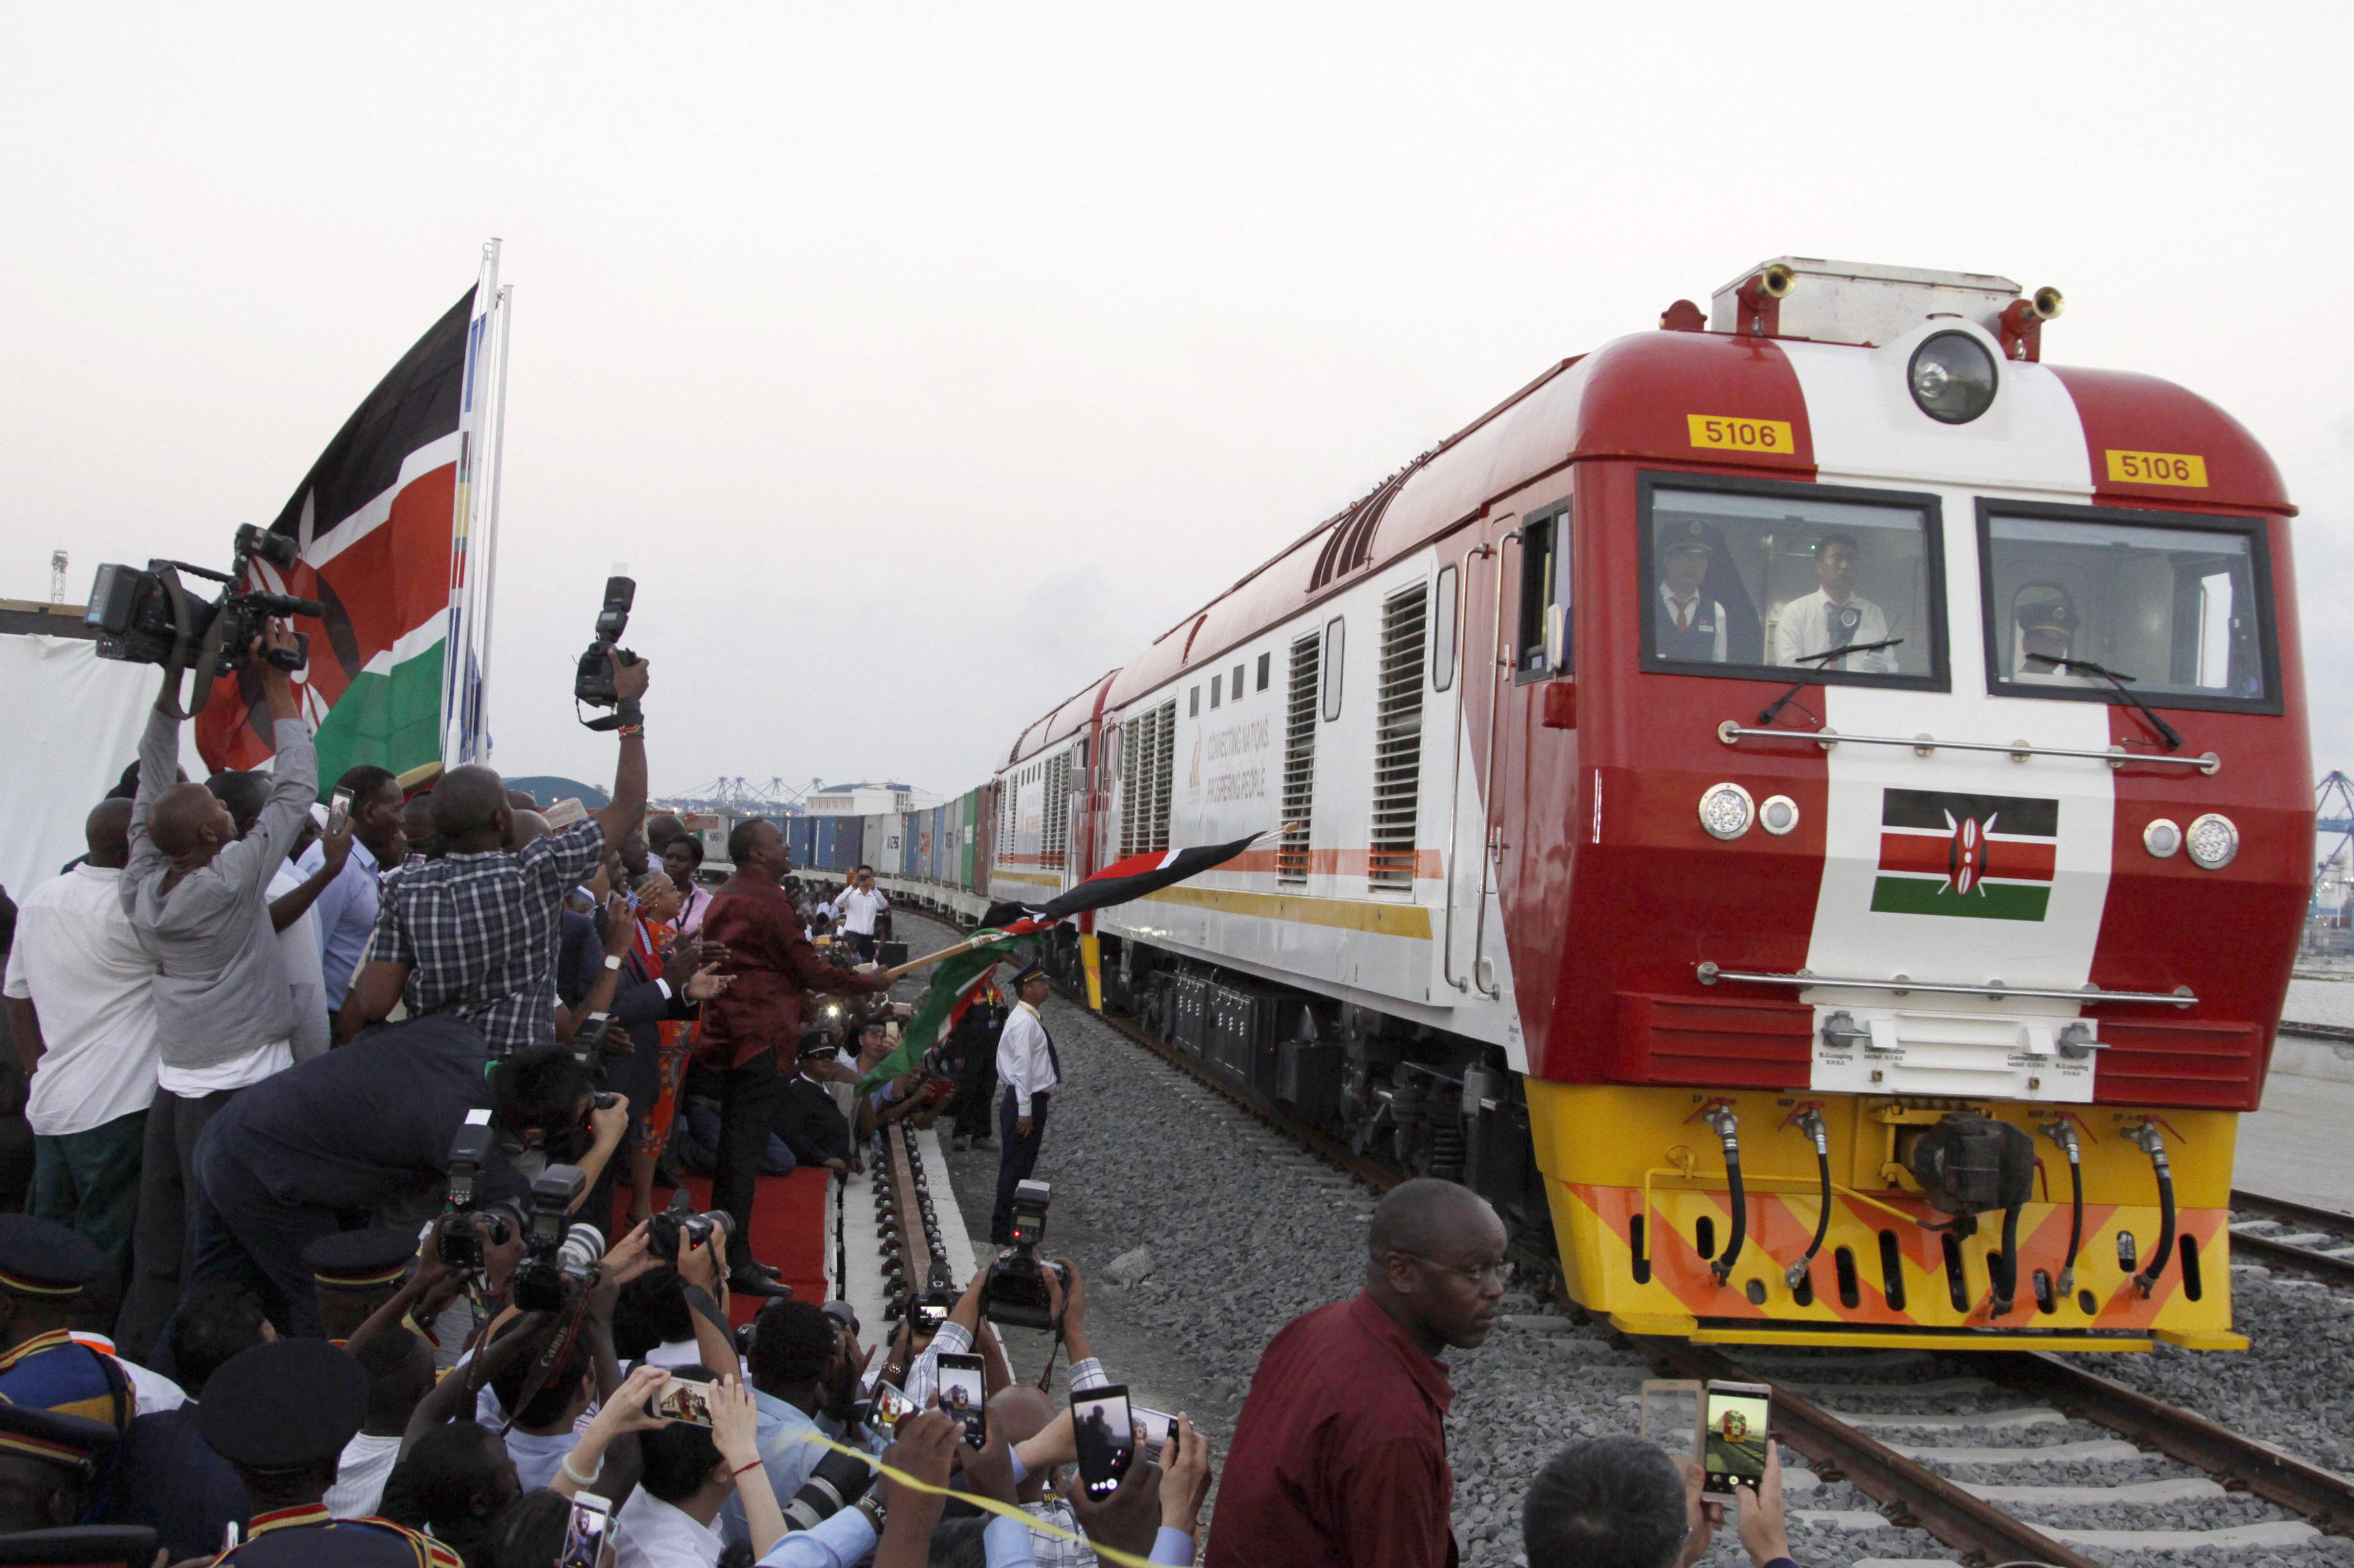 Linha férrea parte de Mobassa, no Quênia, em direção a Nairobi, capital do país. O projeto foi considerado o maior projeto de infraestrutura do país, e foi financiado pela China com cerca de 3,3 bilhões de dólares. O linha foi construída com planos de estender-se até o Oceano Índico.